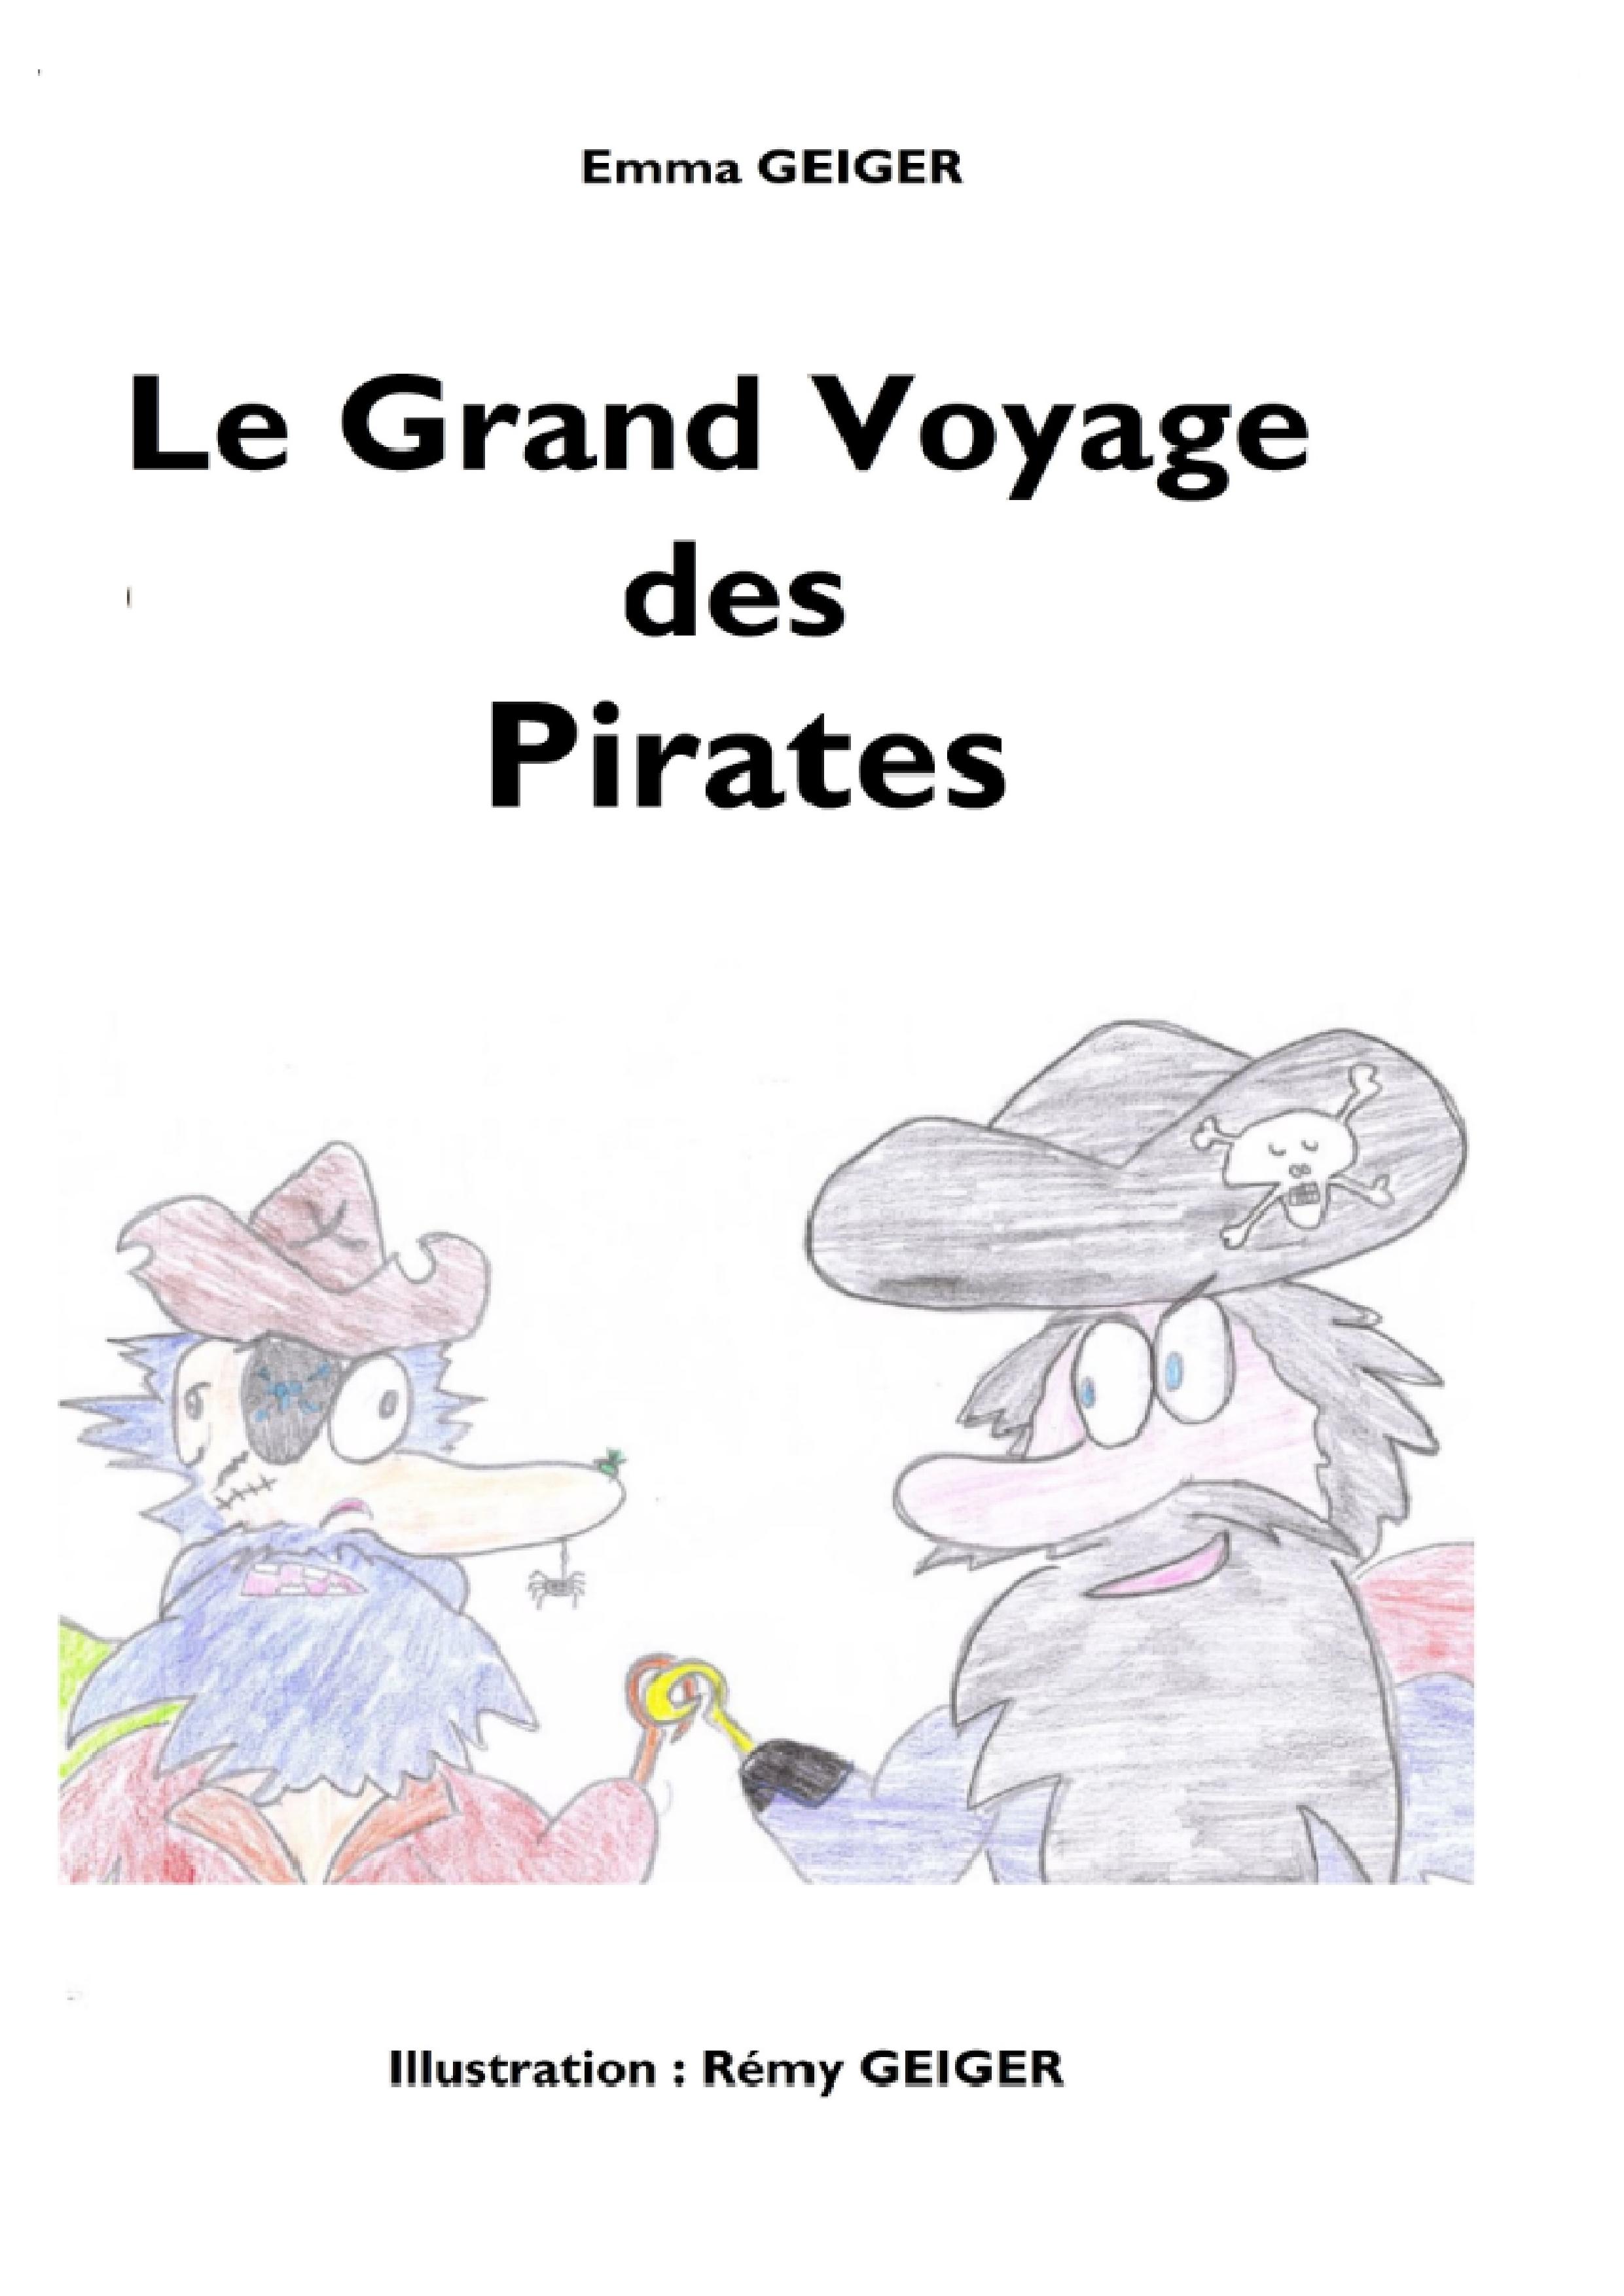 Le Grand Voyage des Pirates